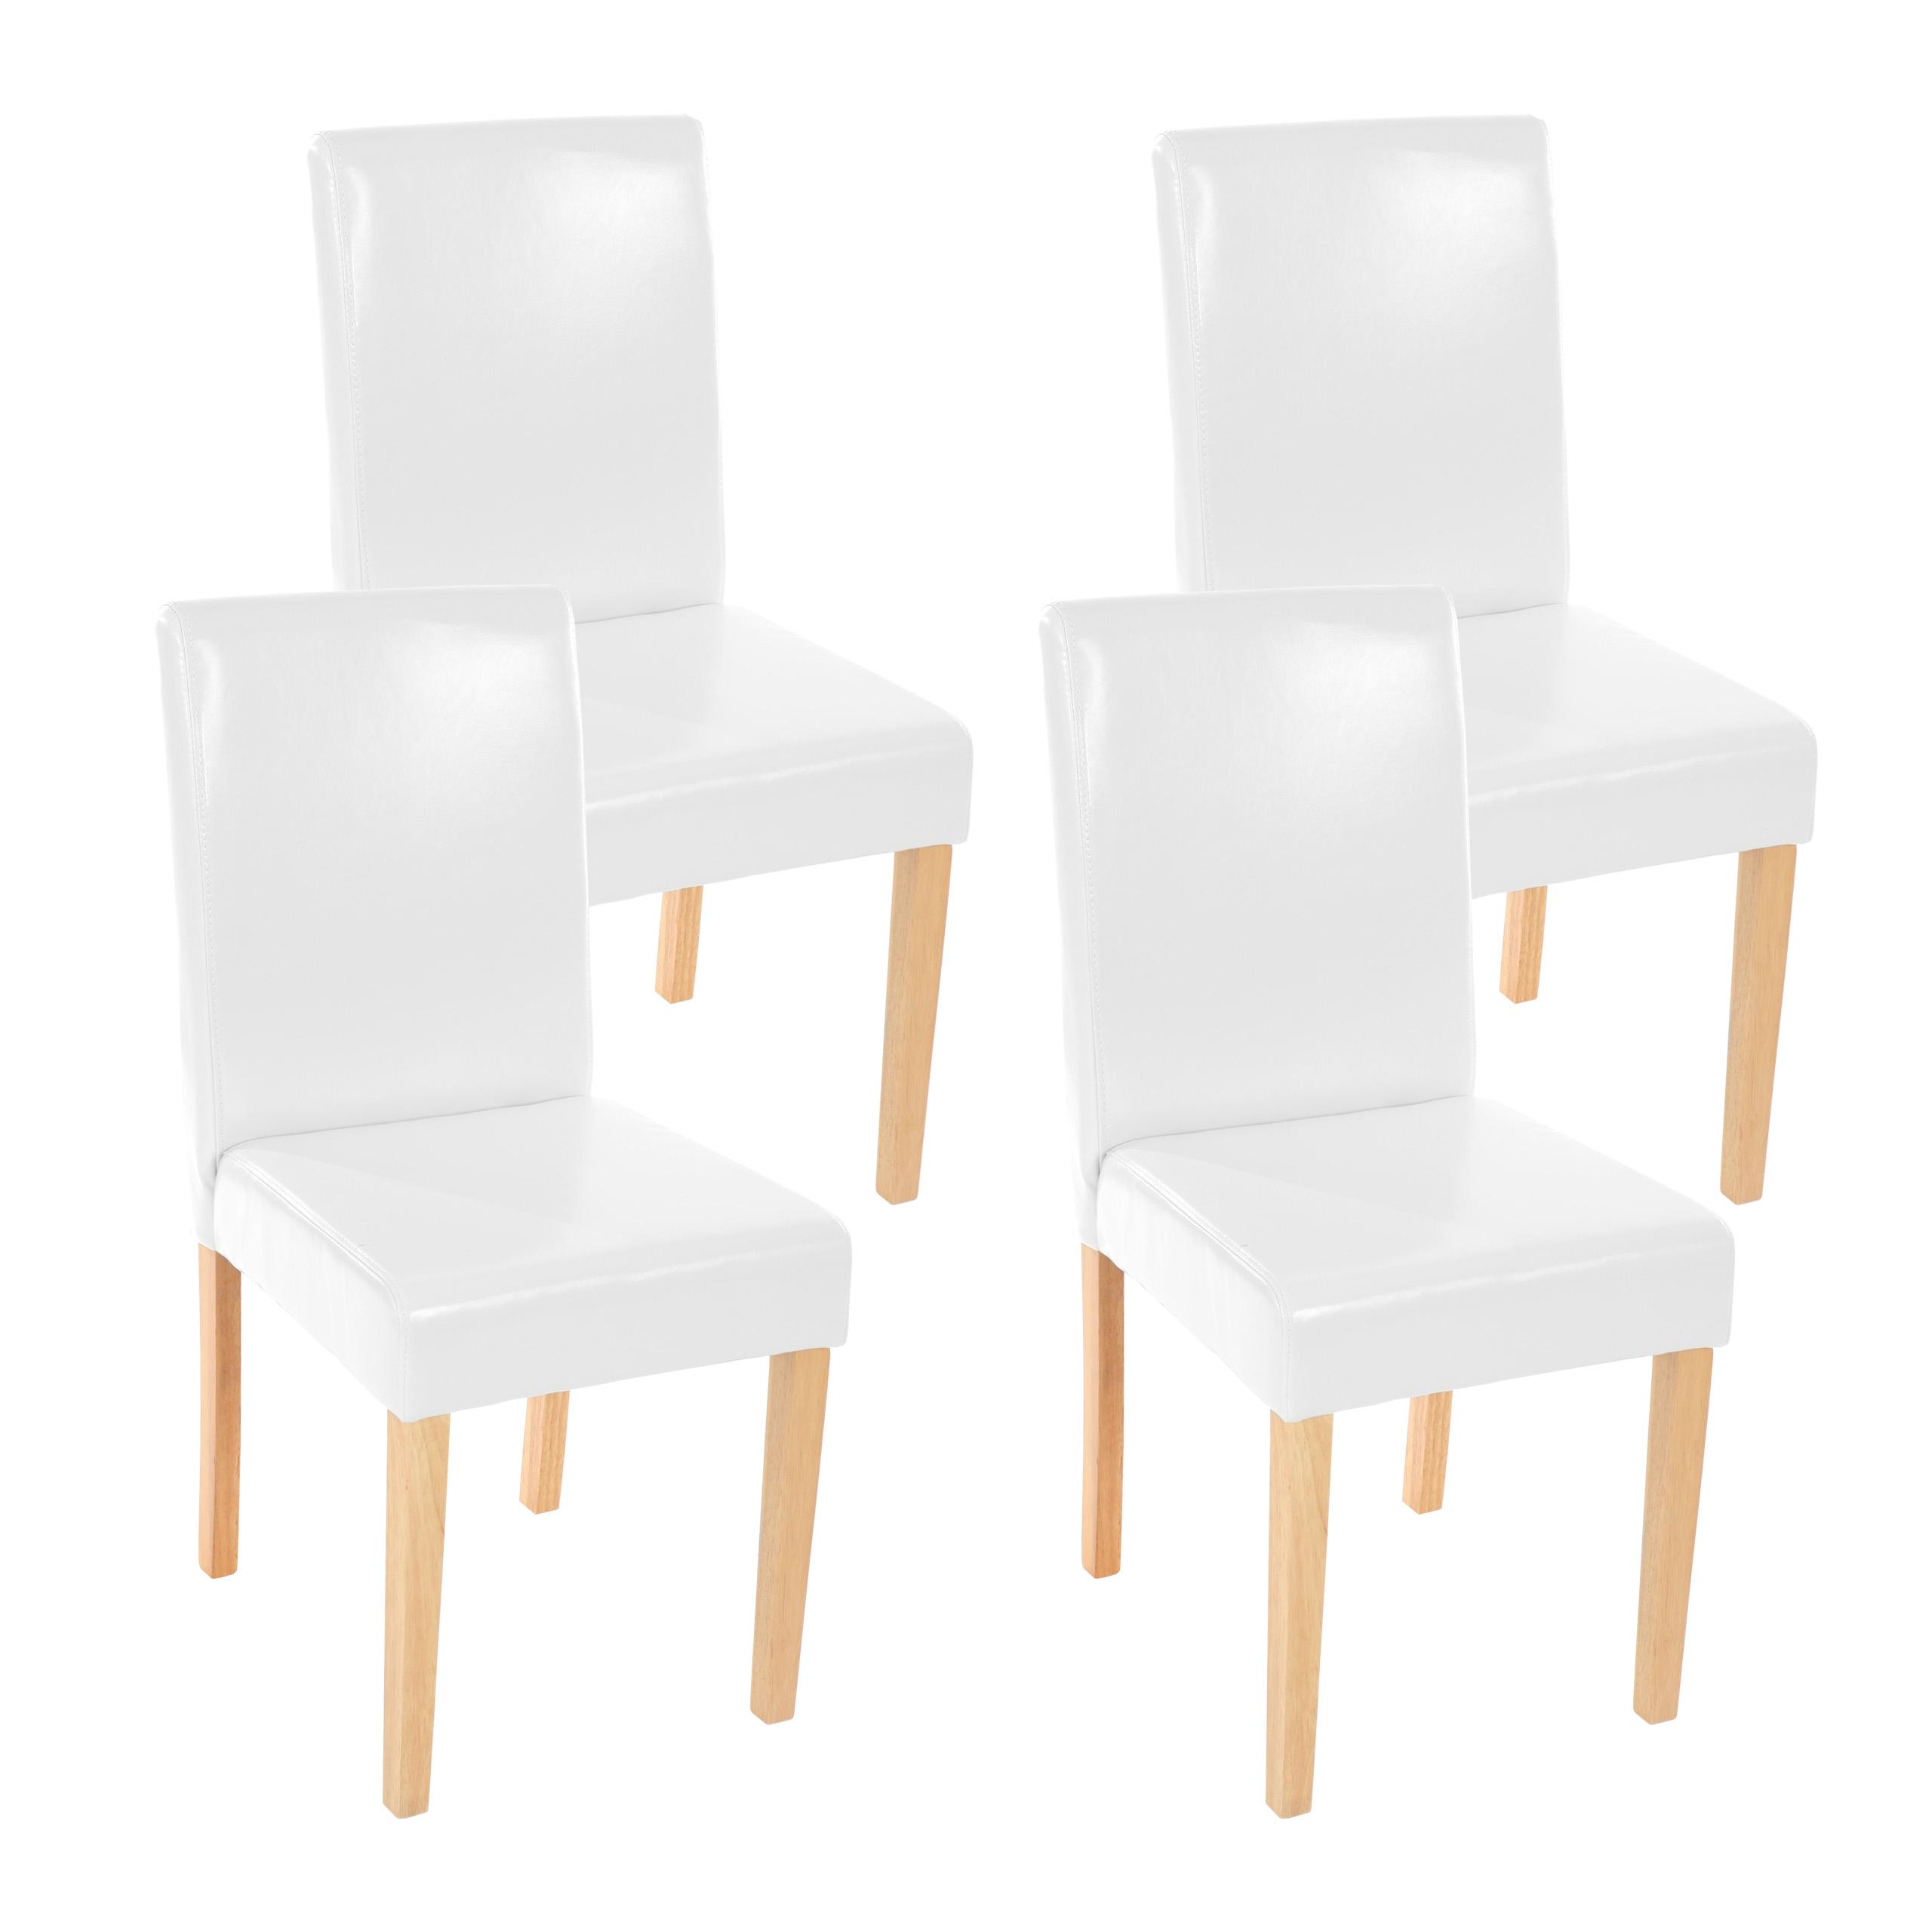 Stühle weiss leder  4x Esszimmerstuhl Stuhl Lehnstuhl Littau ~ Leder, weiß helle Beine